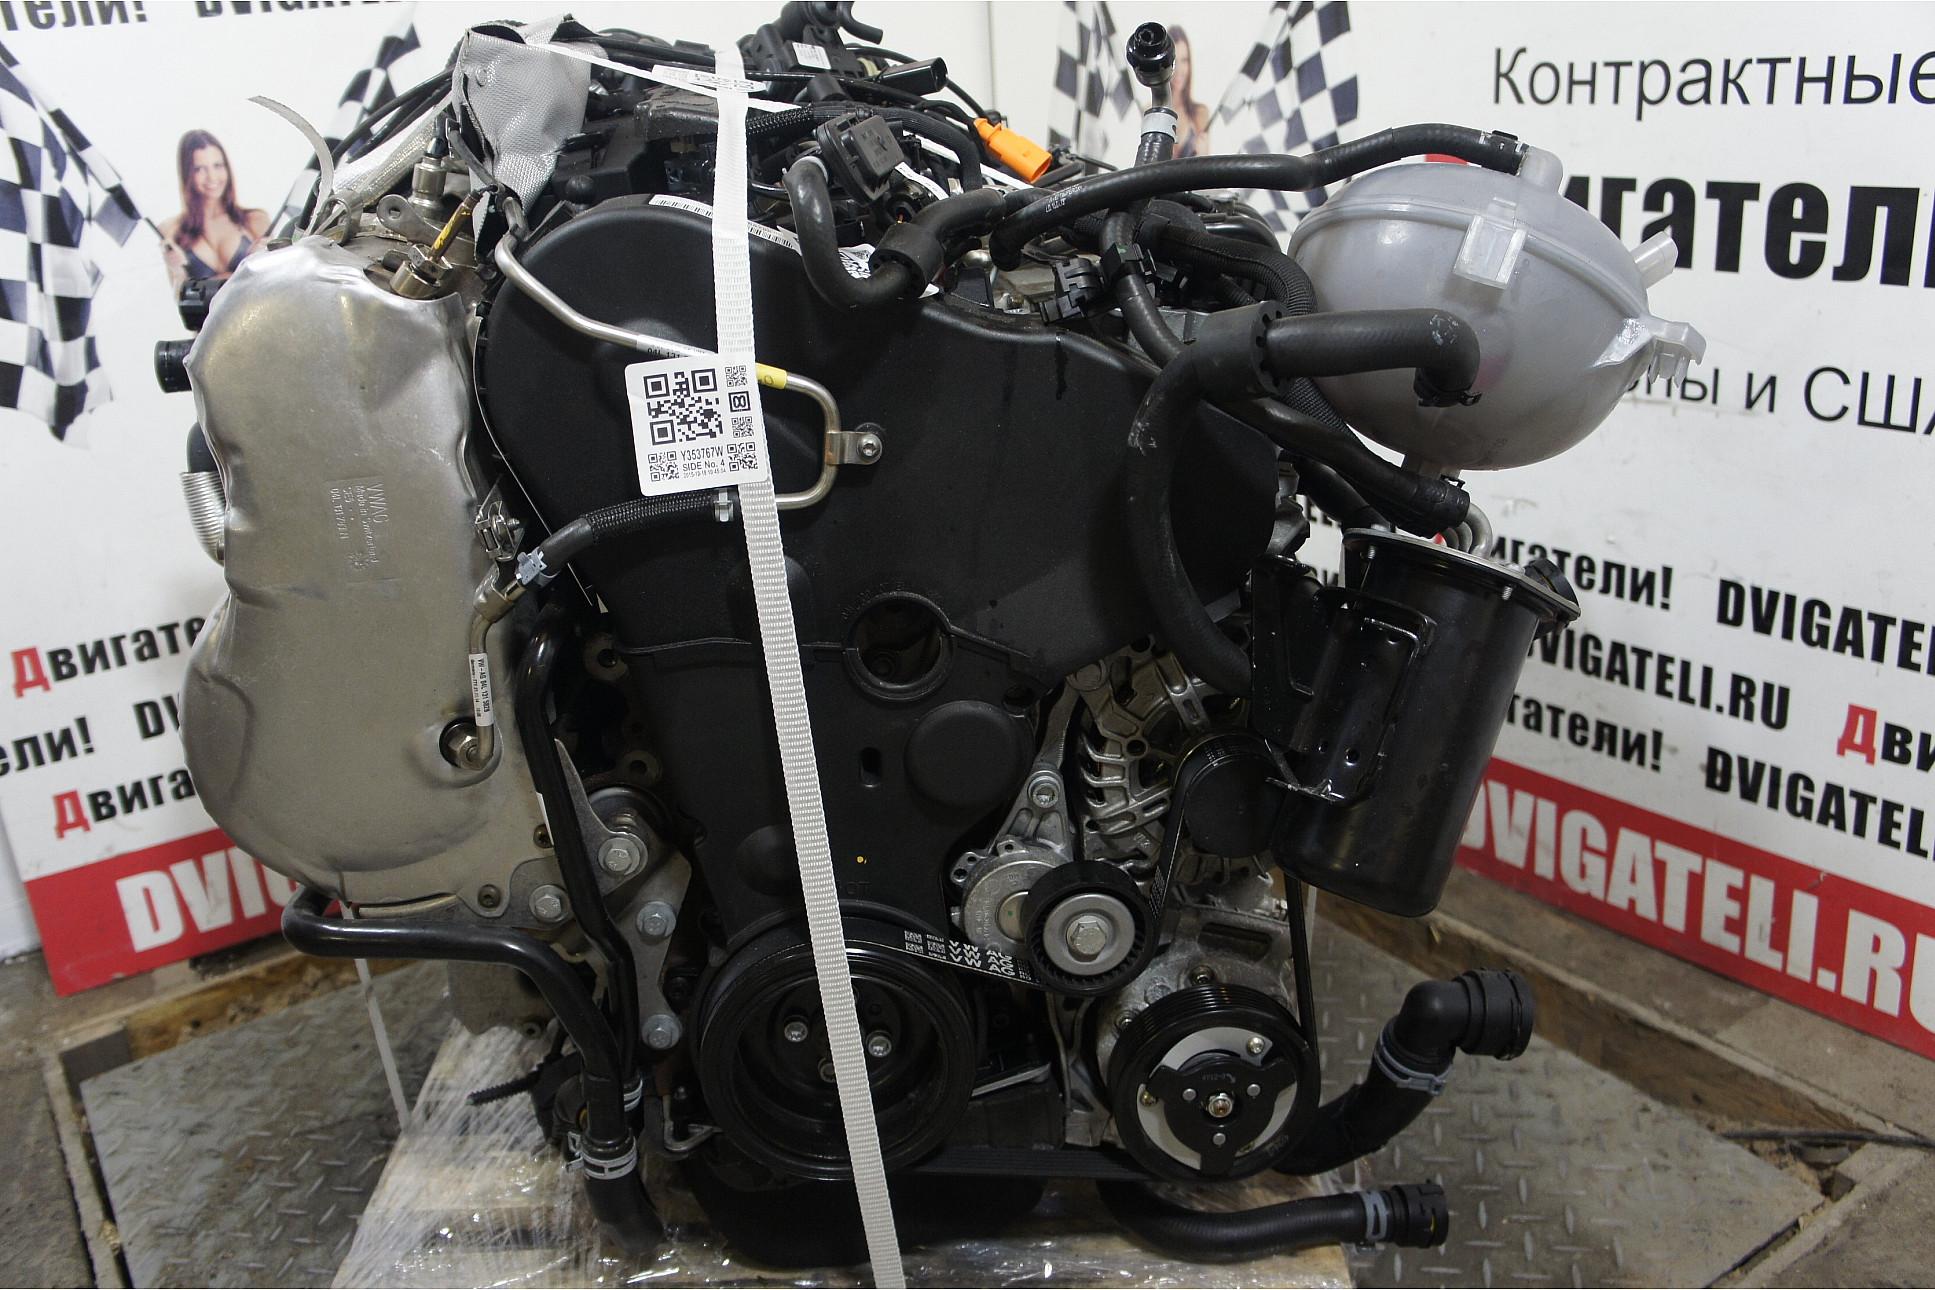 Контрактный двигатель: что это такое на автомобиле, как выбрать и проверить - на что смотреть и какие документы должны быть » автоноватор